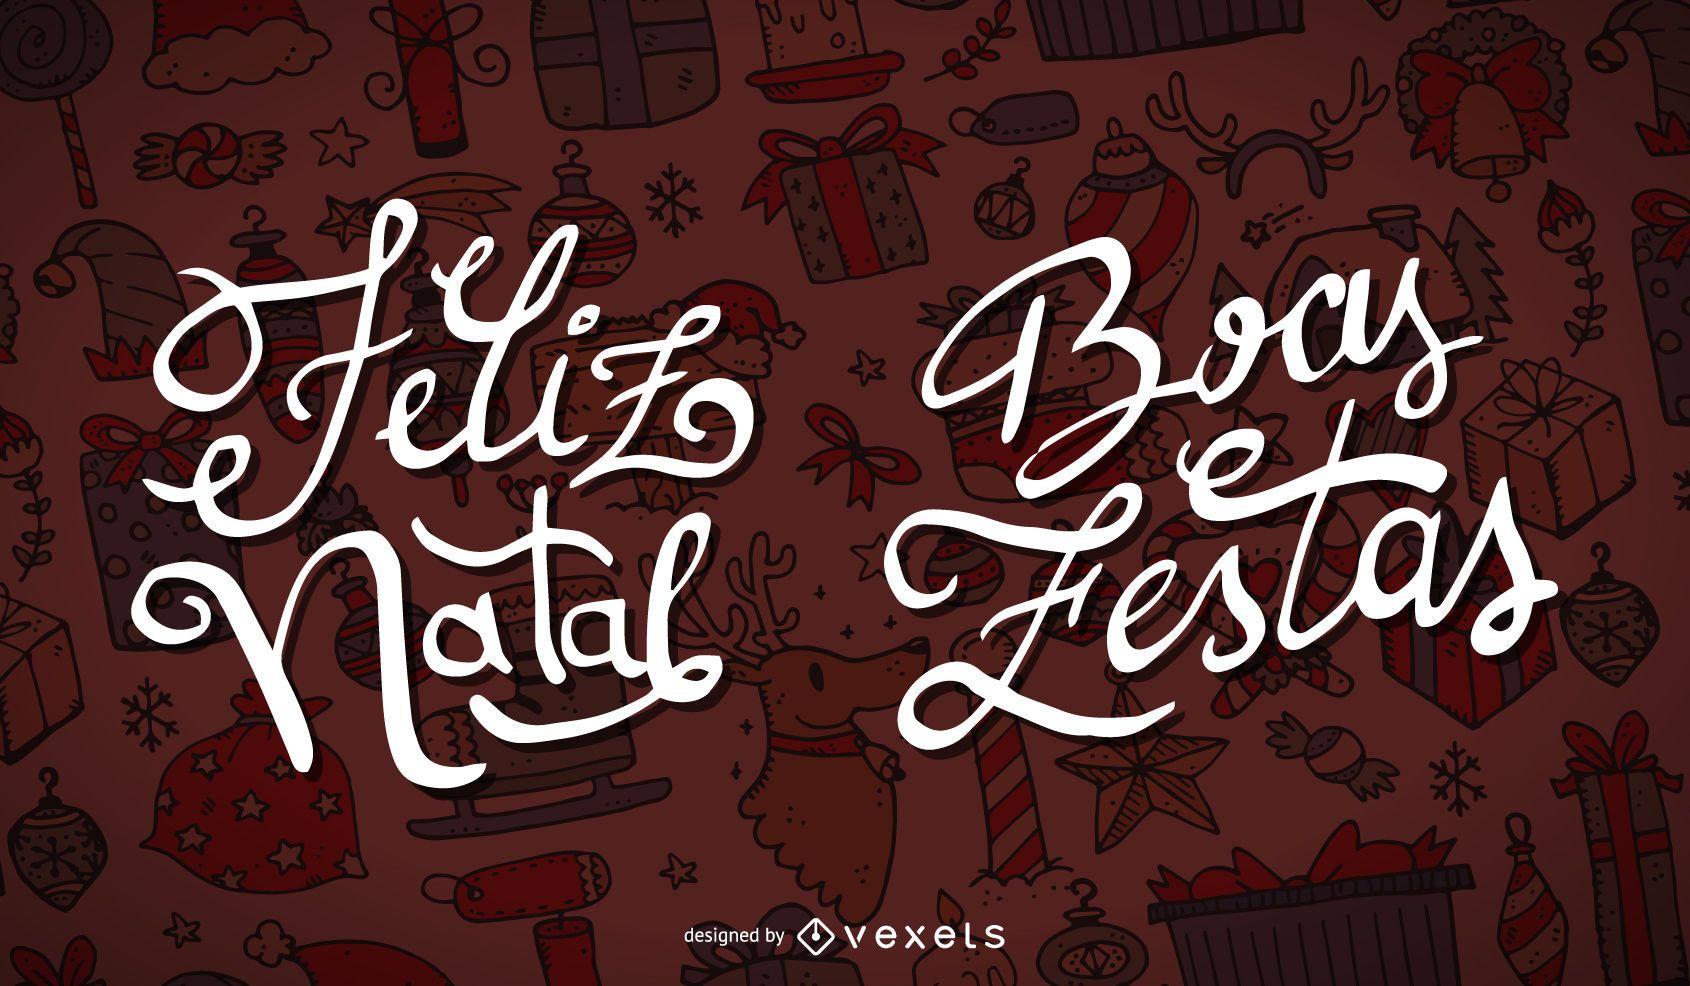 Feliz Natal Boas Festas label set